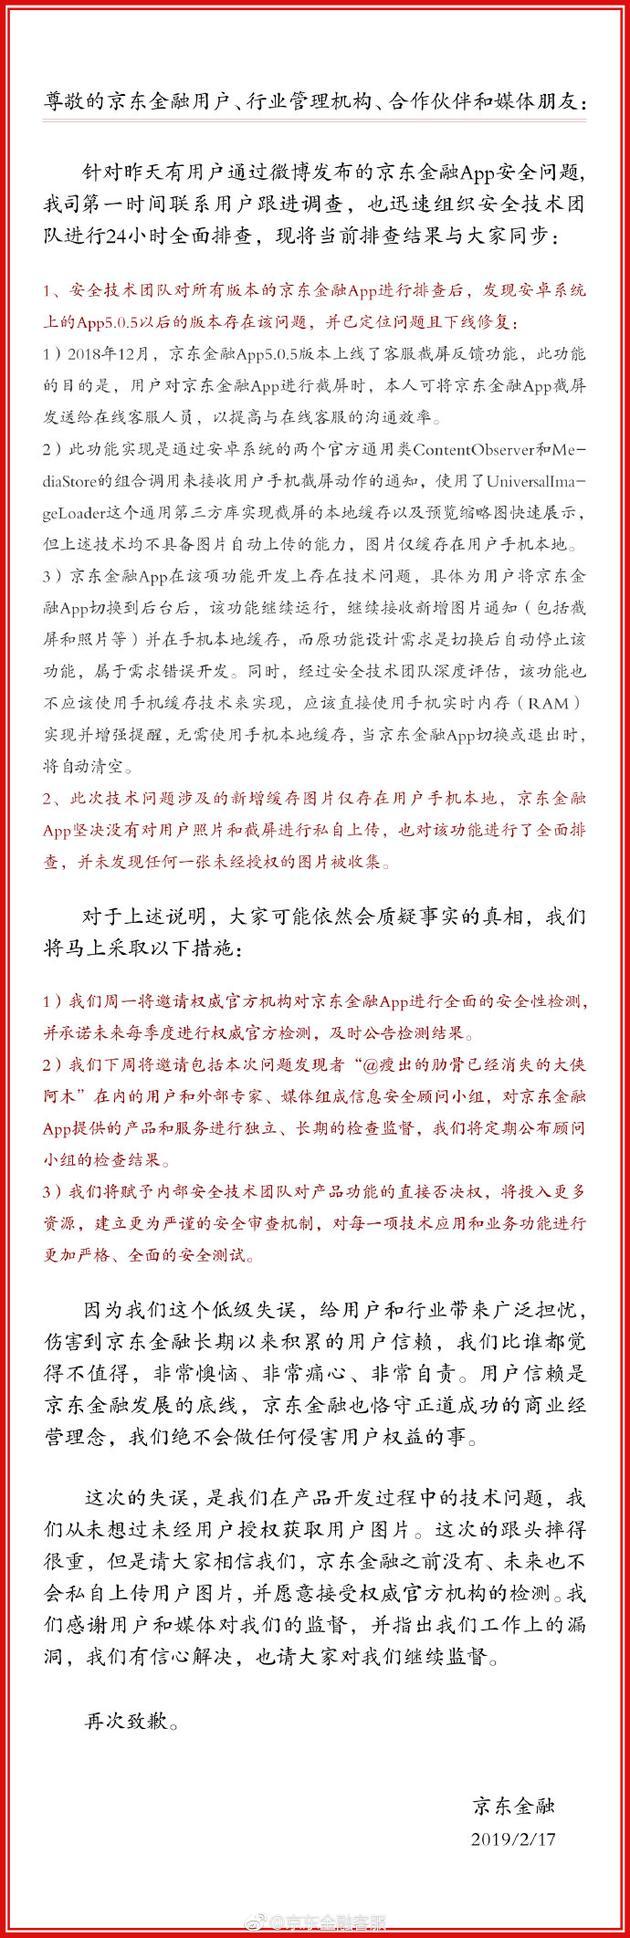 京东金融就侵犯隐私致歉:安卓版有问题 属错误开发的照片 - 2